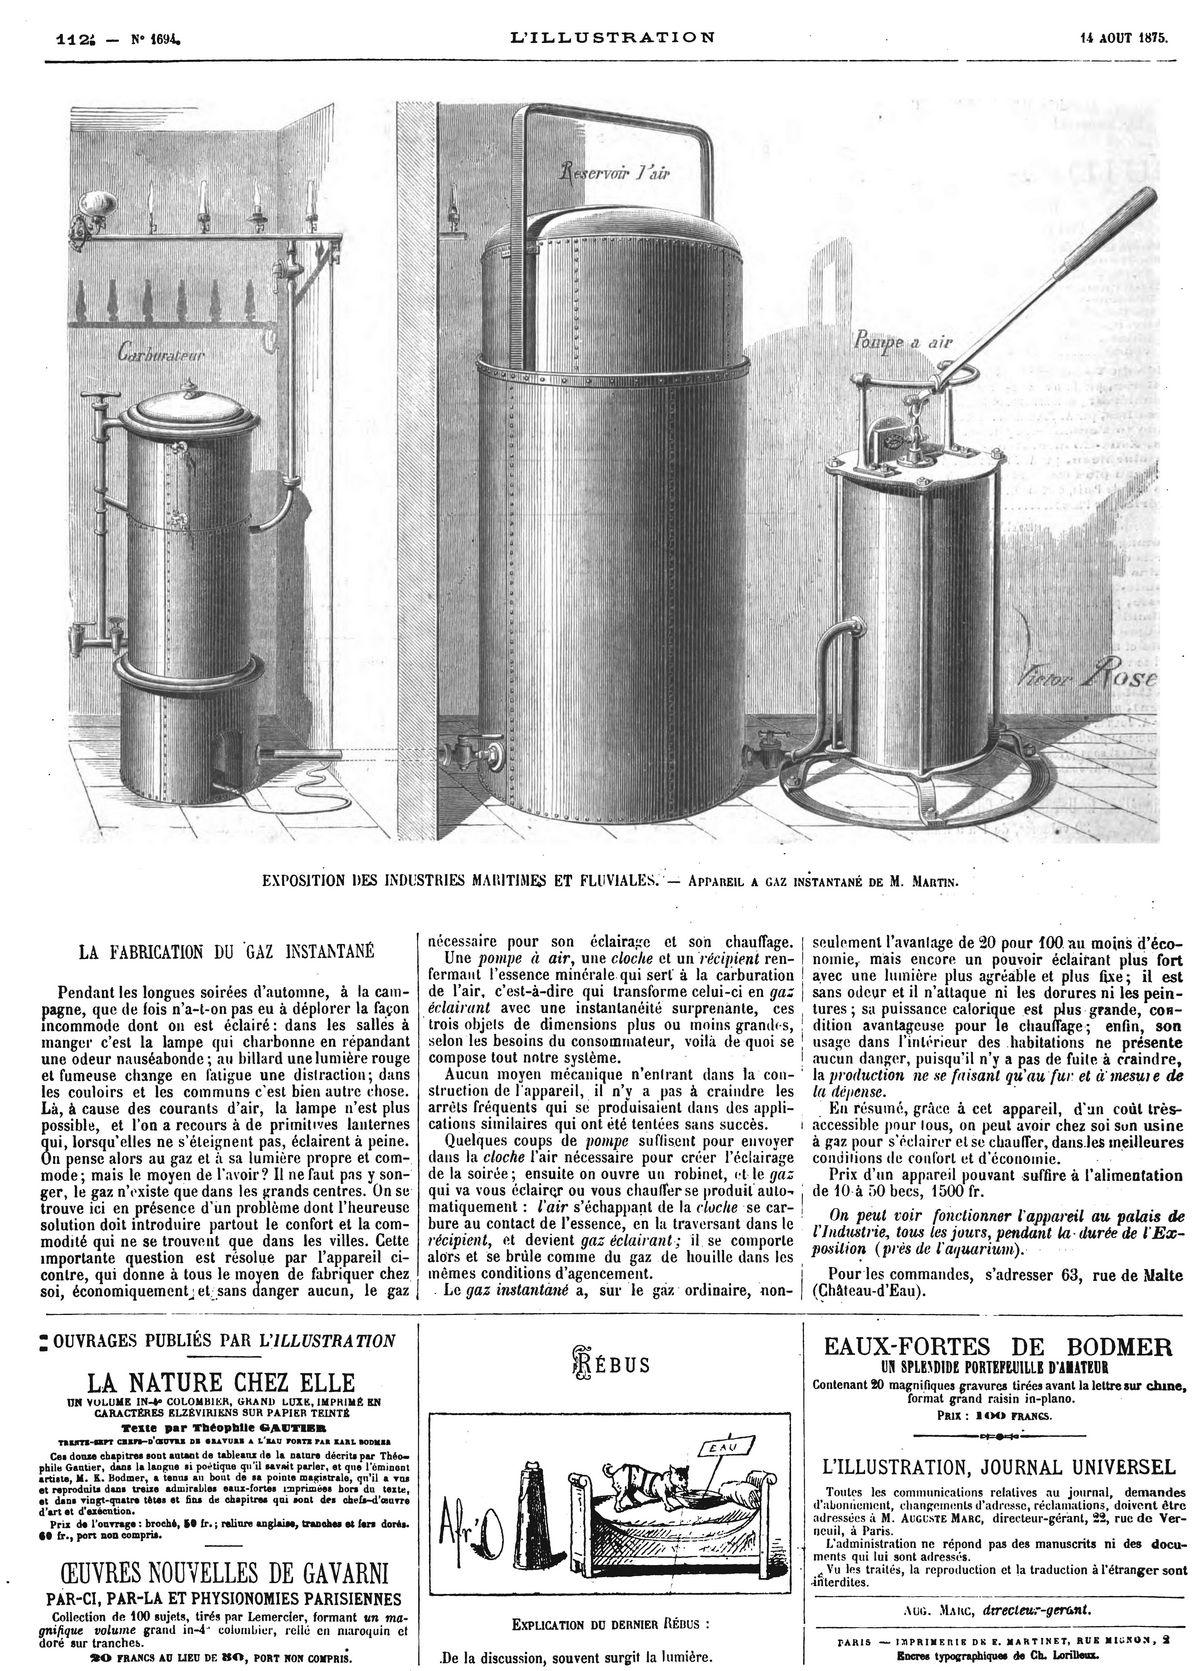 Exposition des industries maritimes et Fluviales : appareil à gaz instantané de M. Martin.